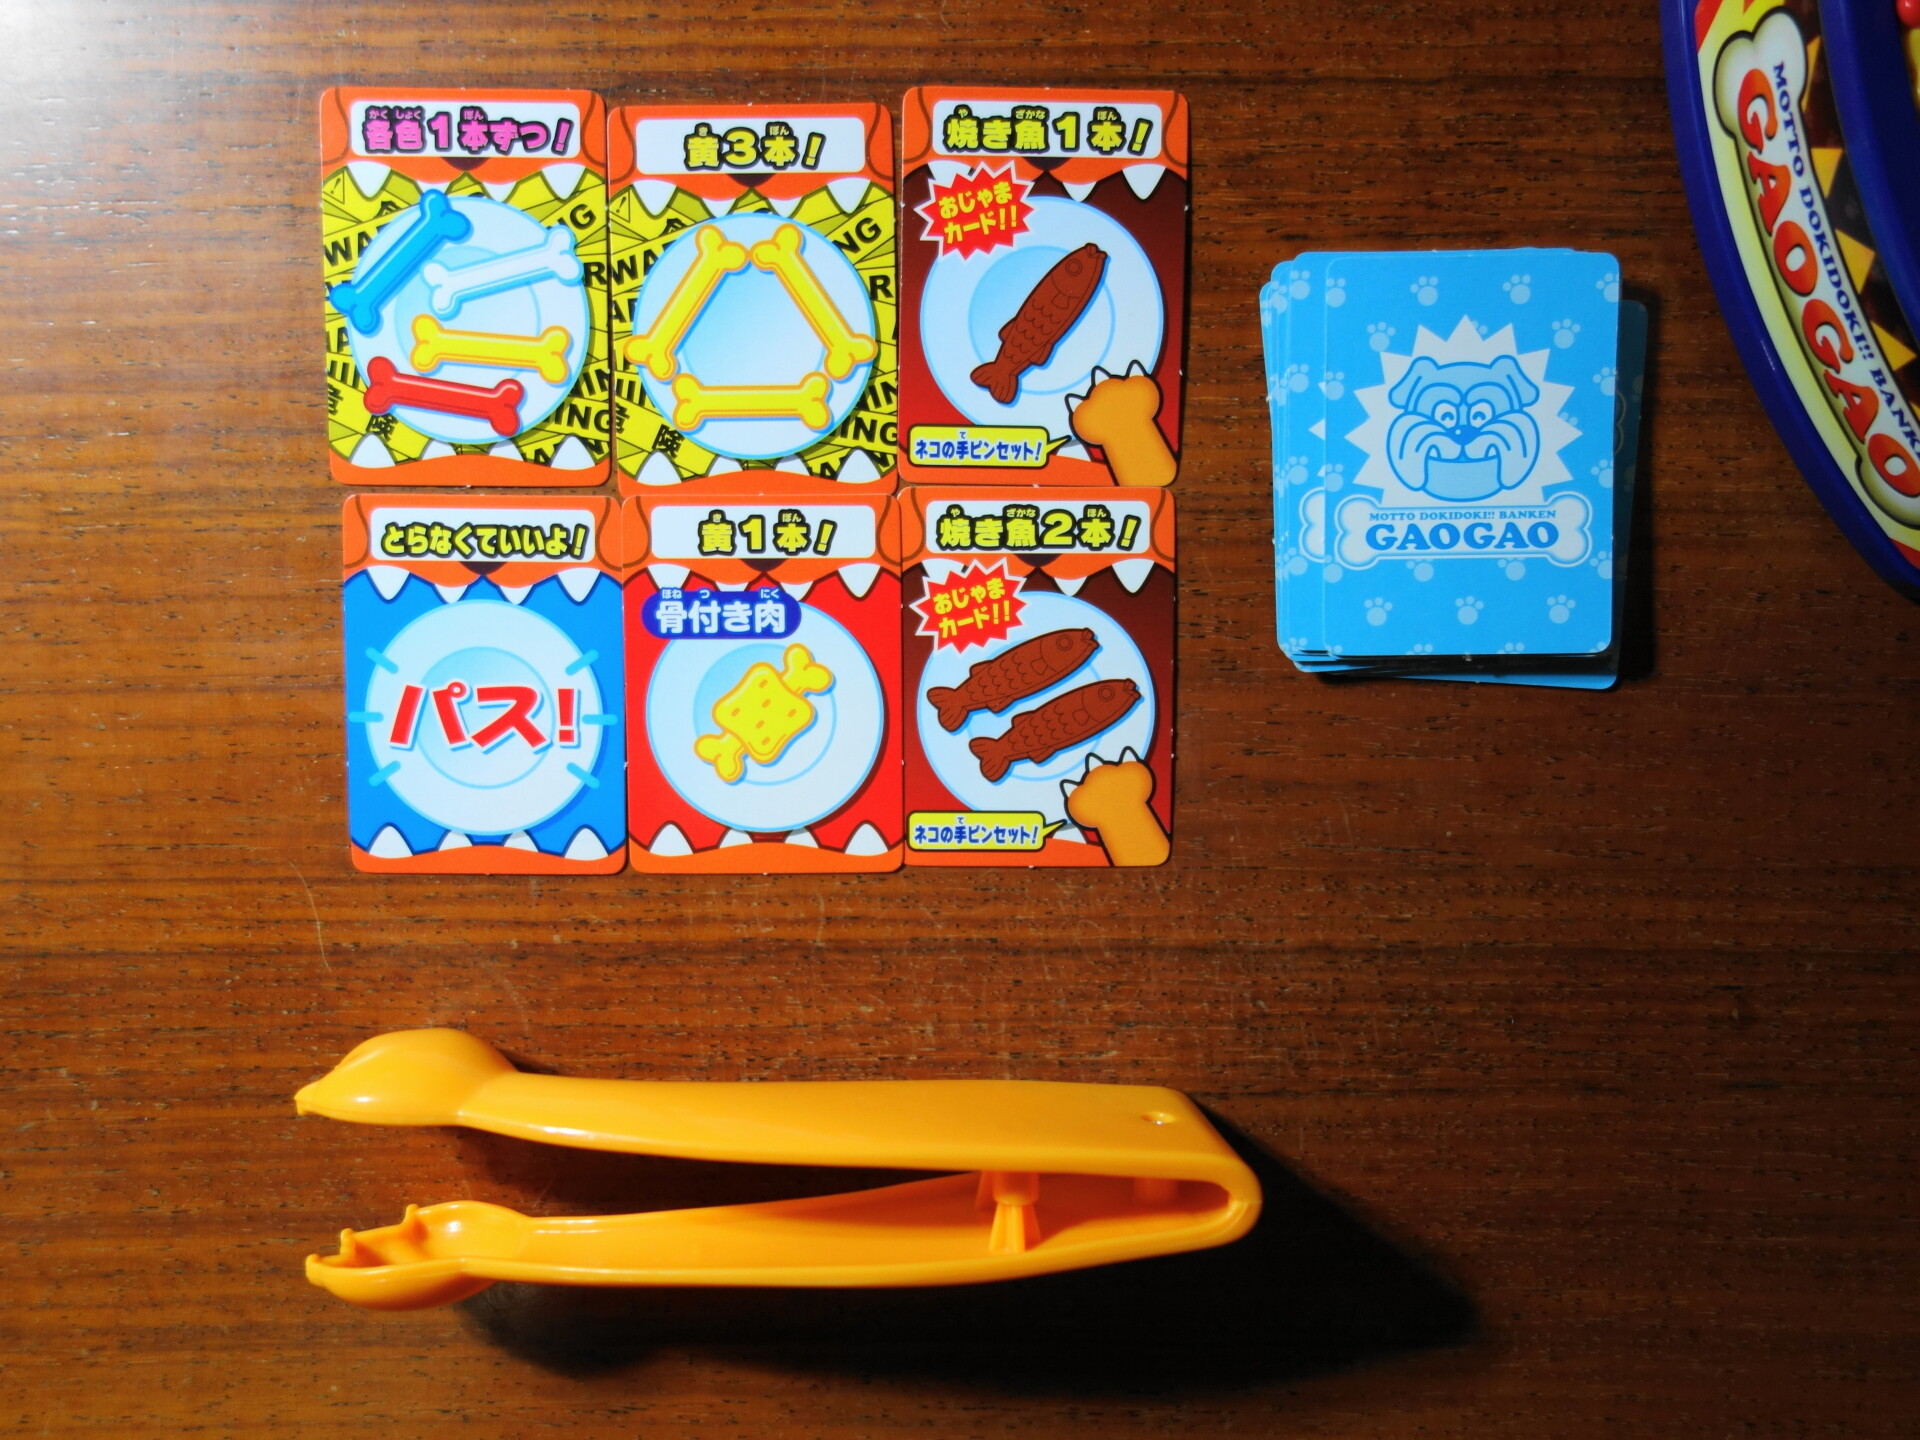 番犬ガオガオのカード一例